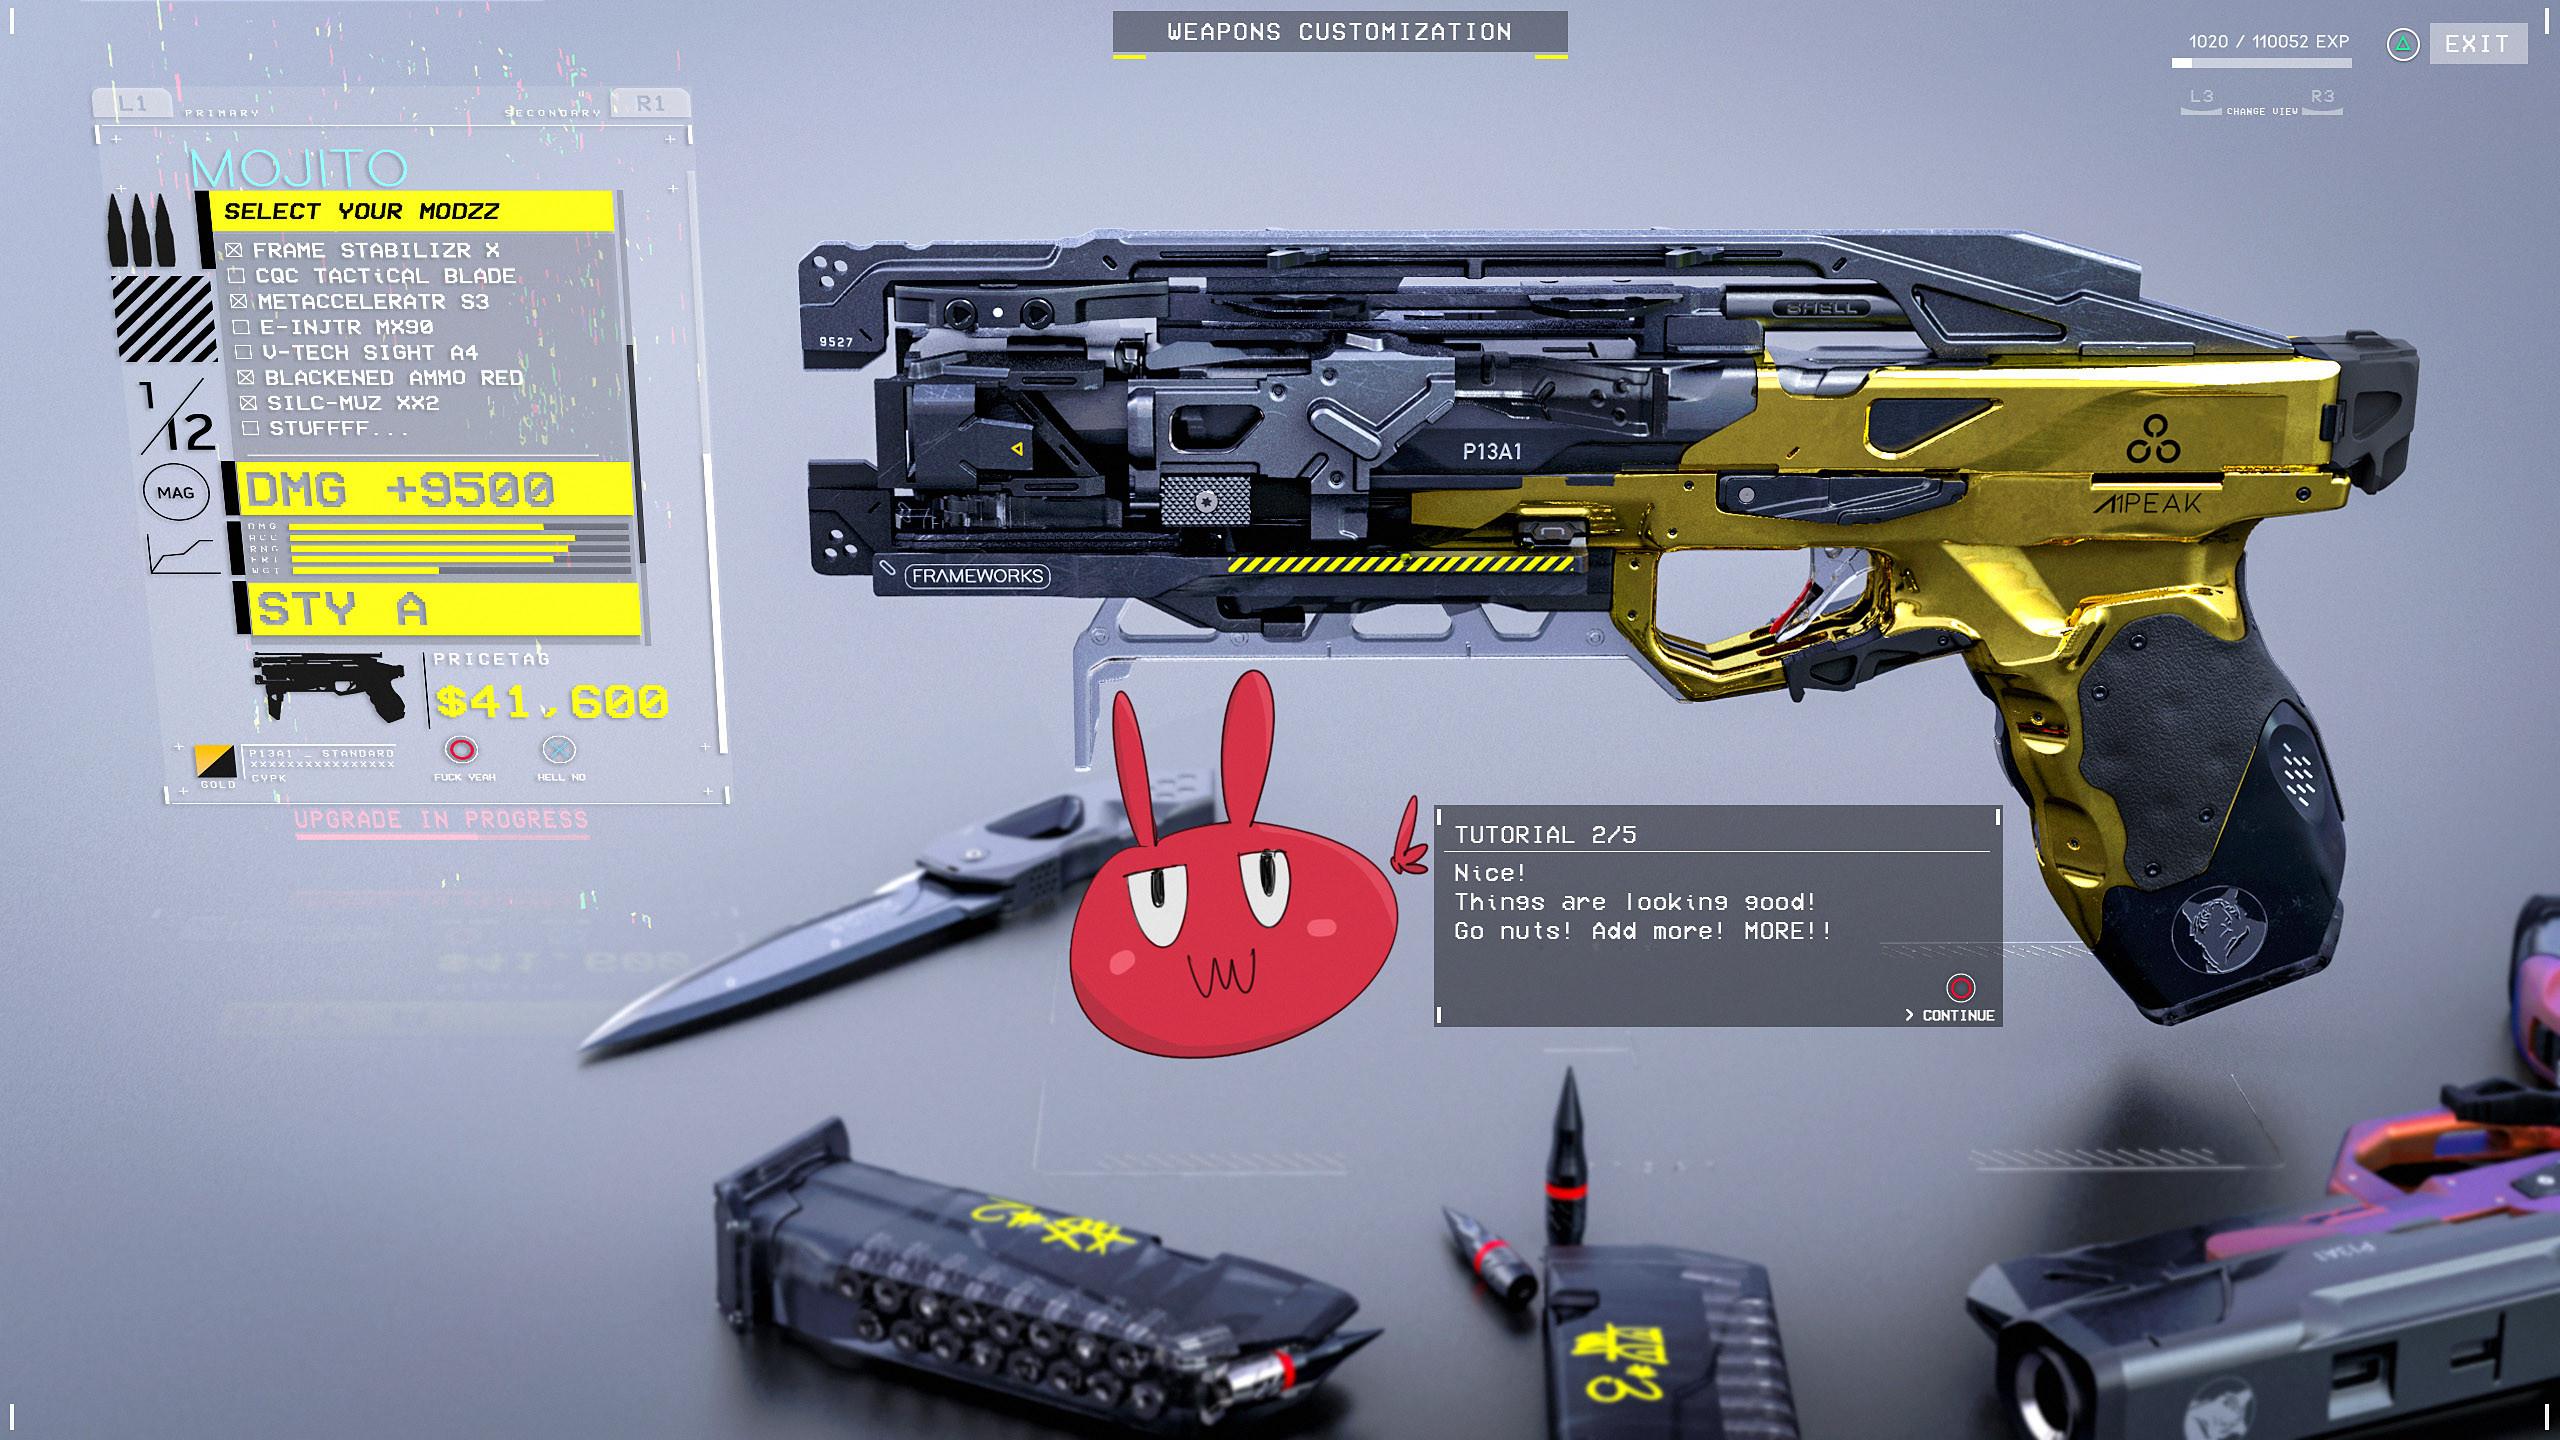 Gun customization. Step 2